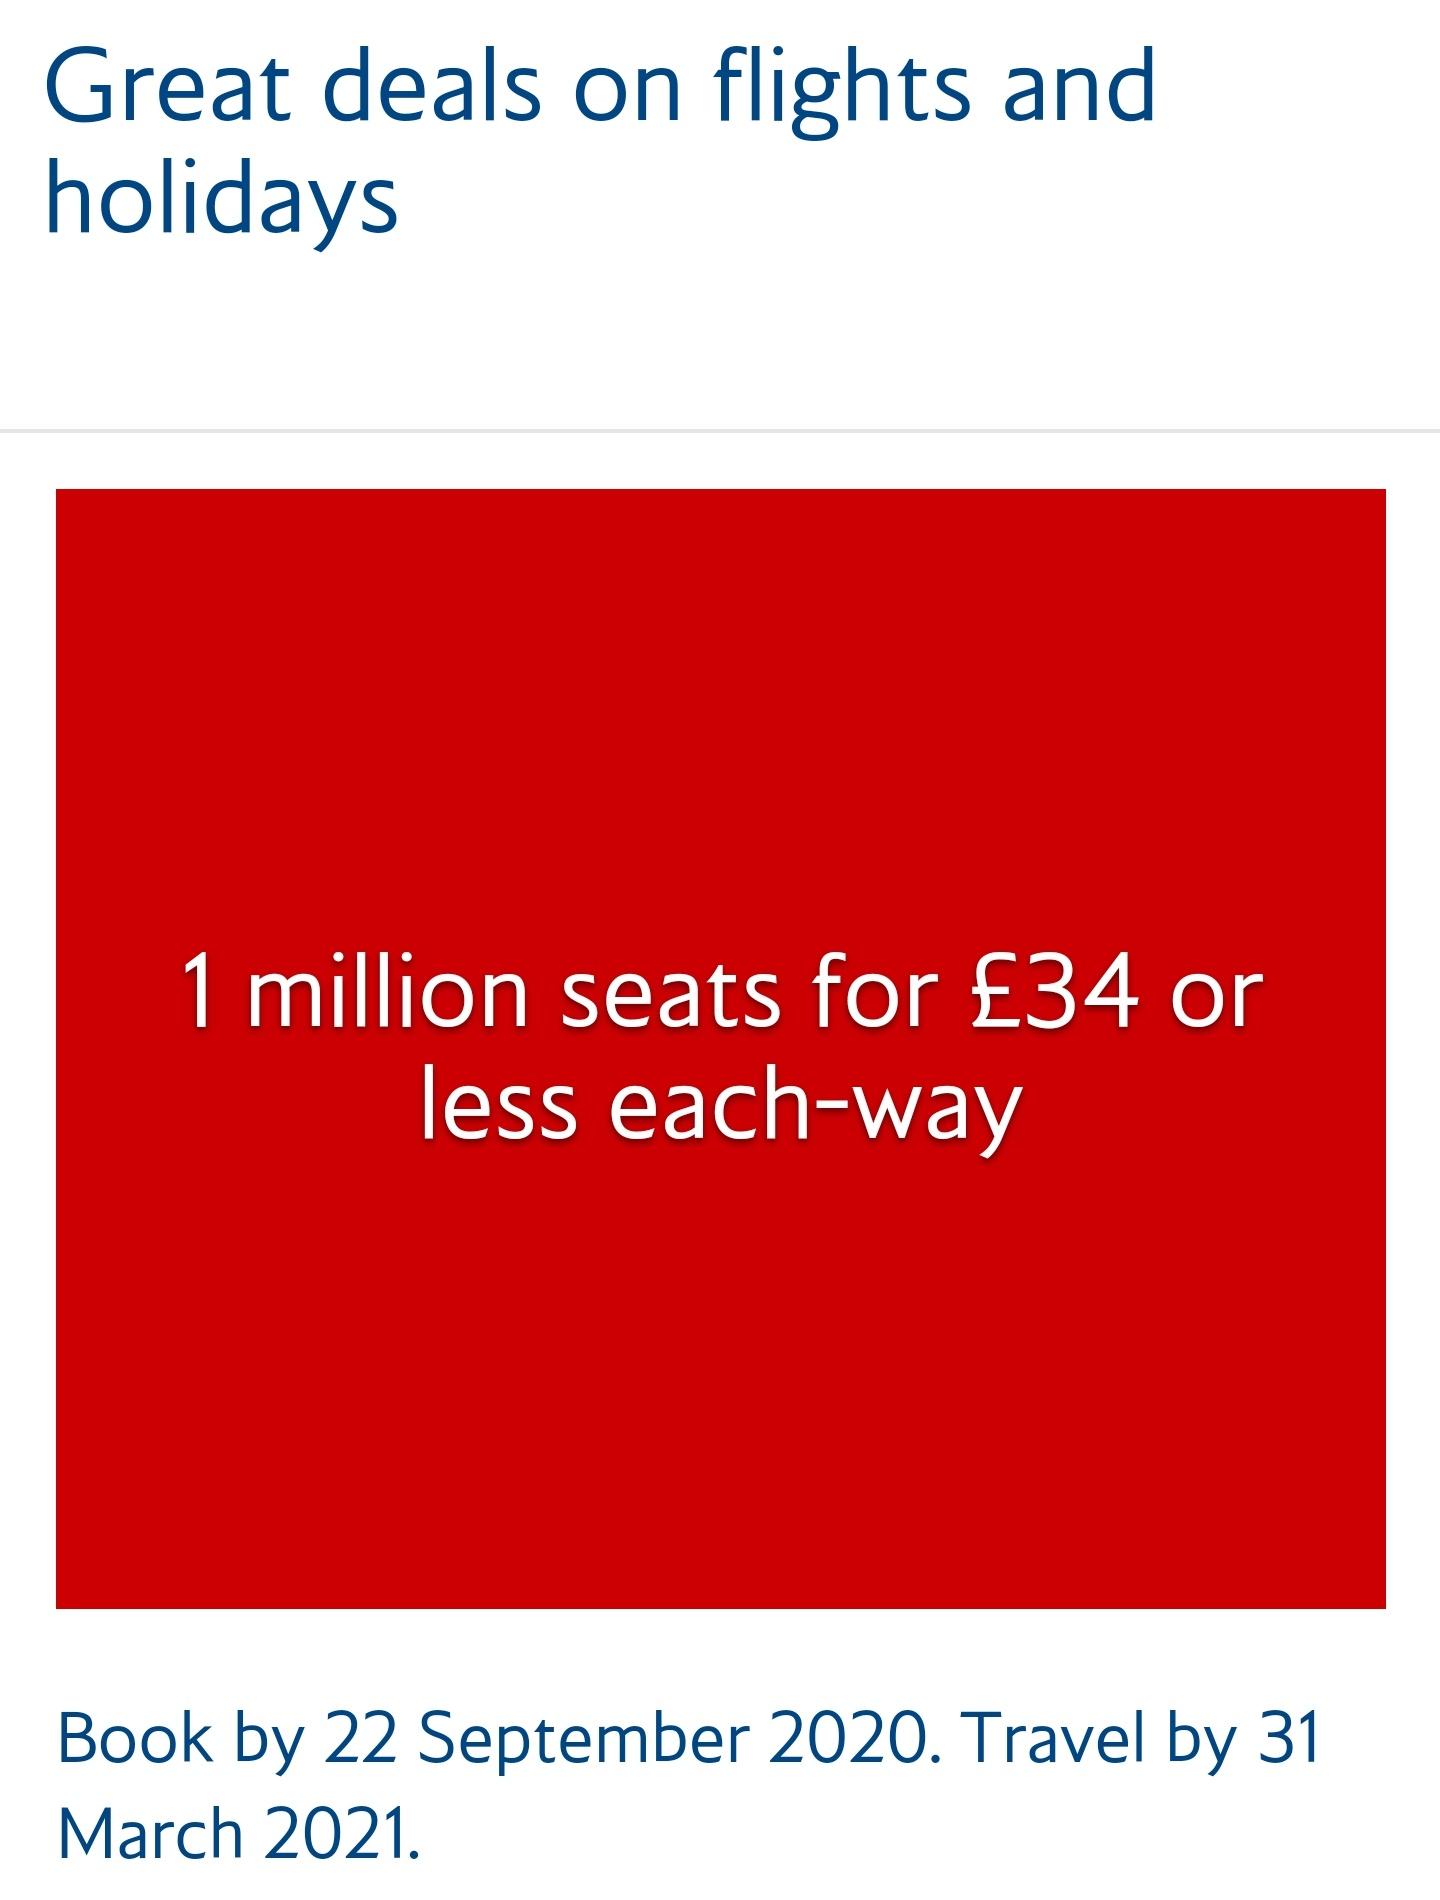 British airways deal